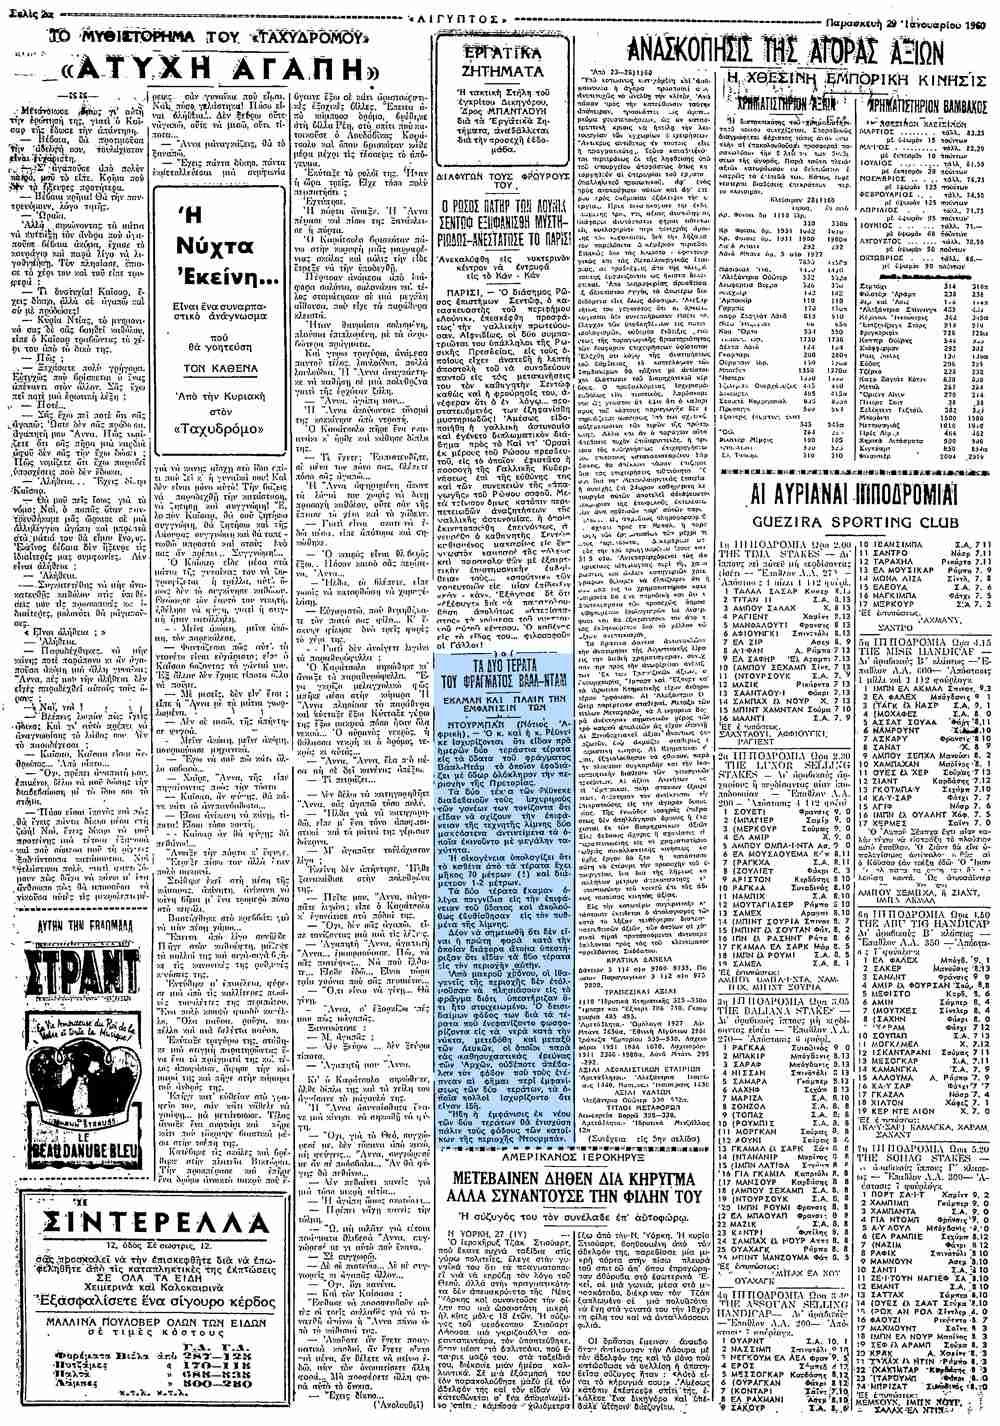 """Το άρθρο, όπως δημοσιεύθηκε στην εφημερίδα """"ΤΑΧΥΔΡΟΜΟΣ"""", στις 29/01/1960"""